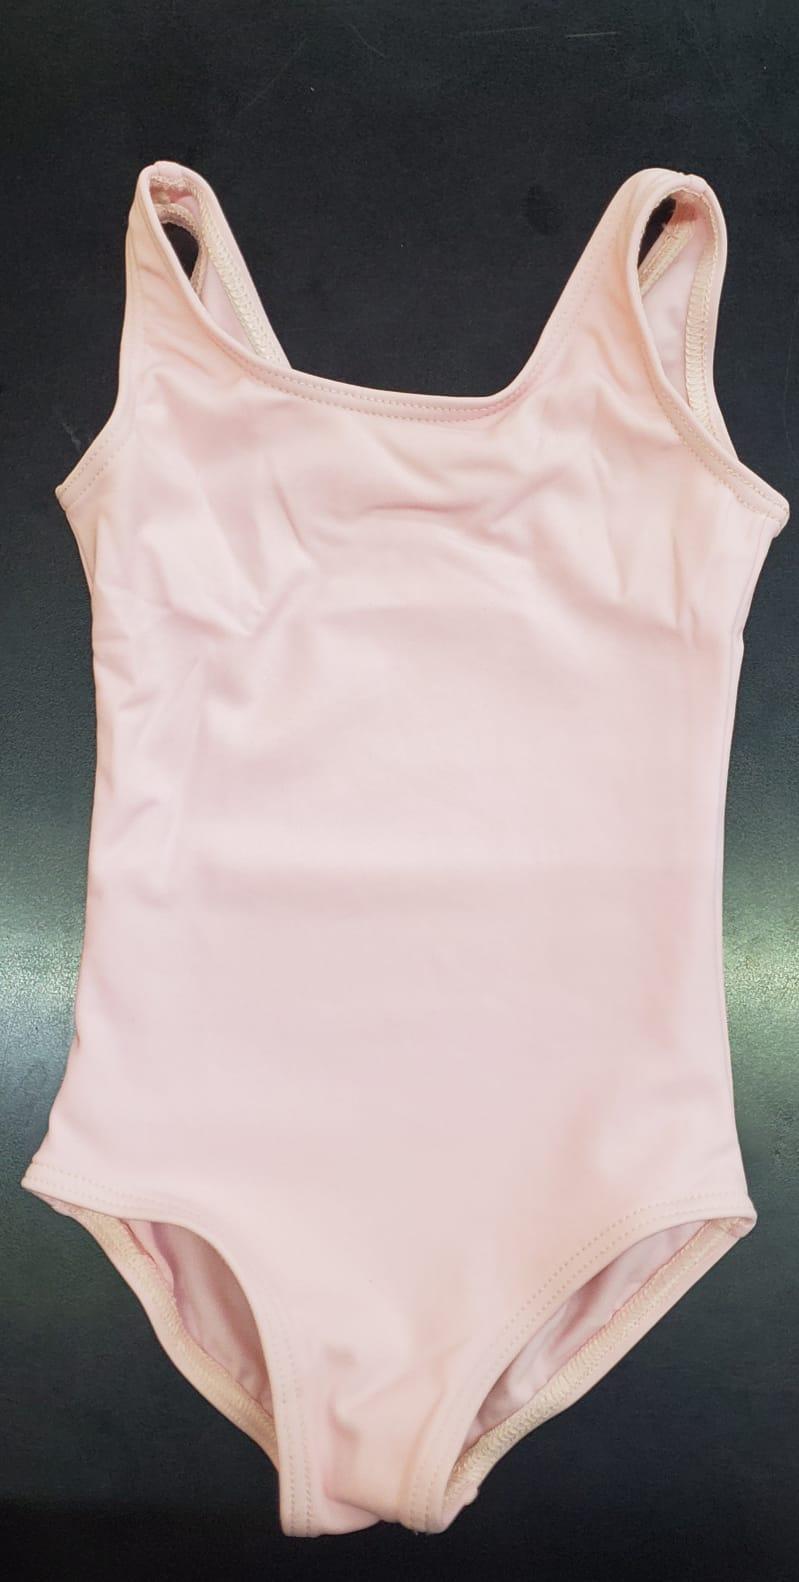 - MOVIMIENTO CREATIVO 3, 4, Y 5 👆Estilo: Tank marca Capezio Ballet Pink